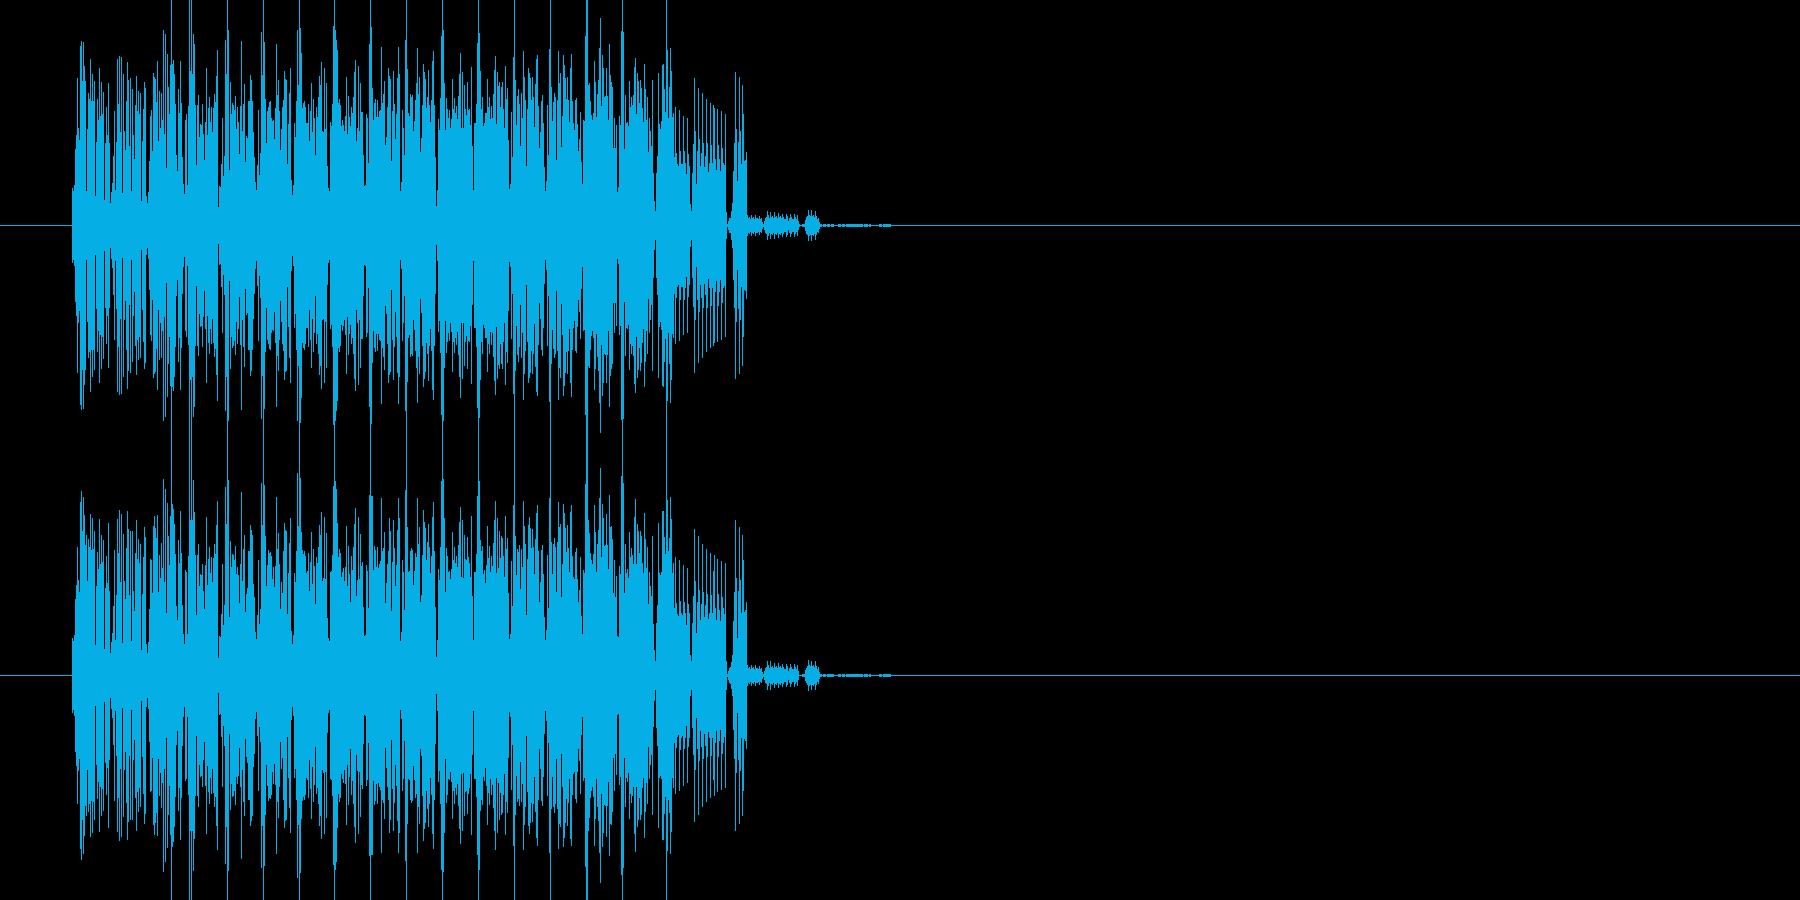 ファミコン風 上昇音の再生済みの波形